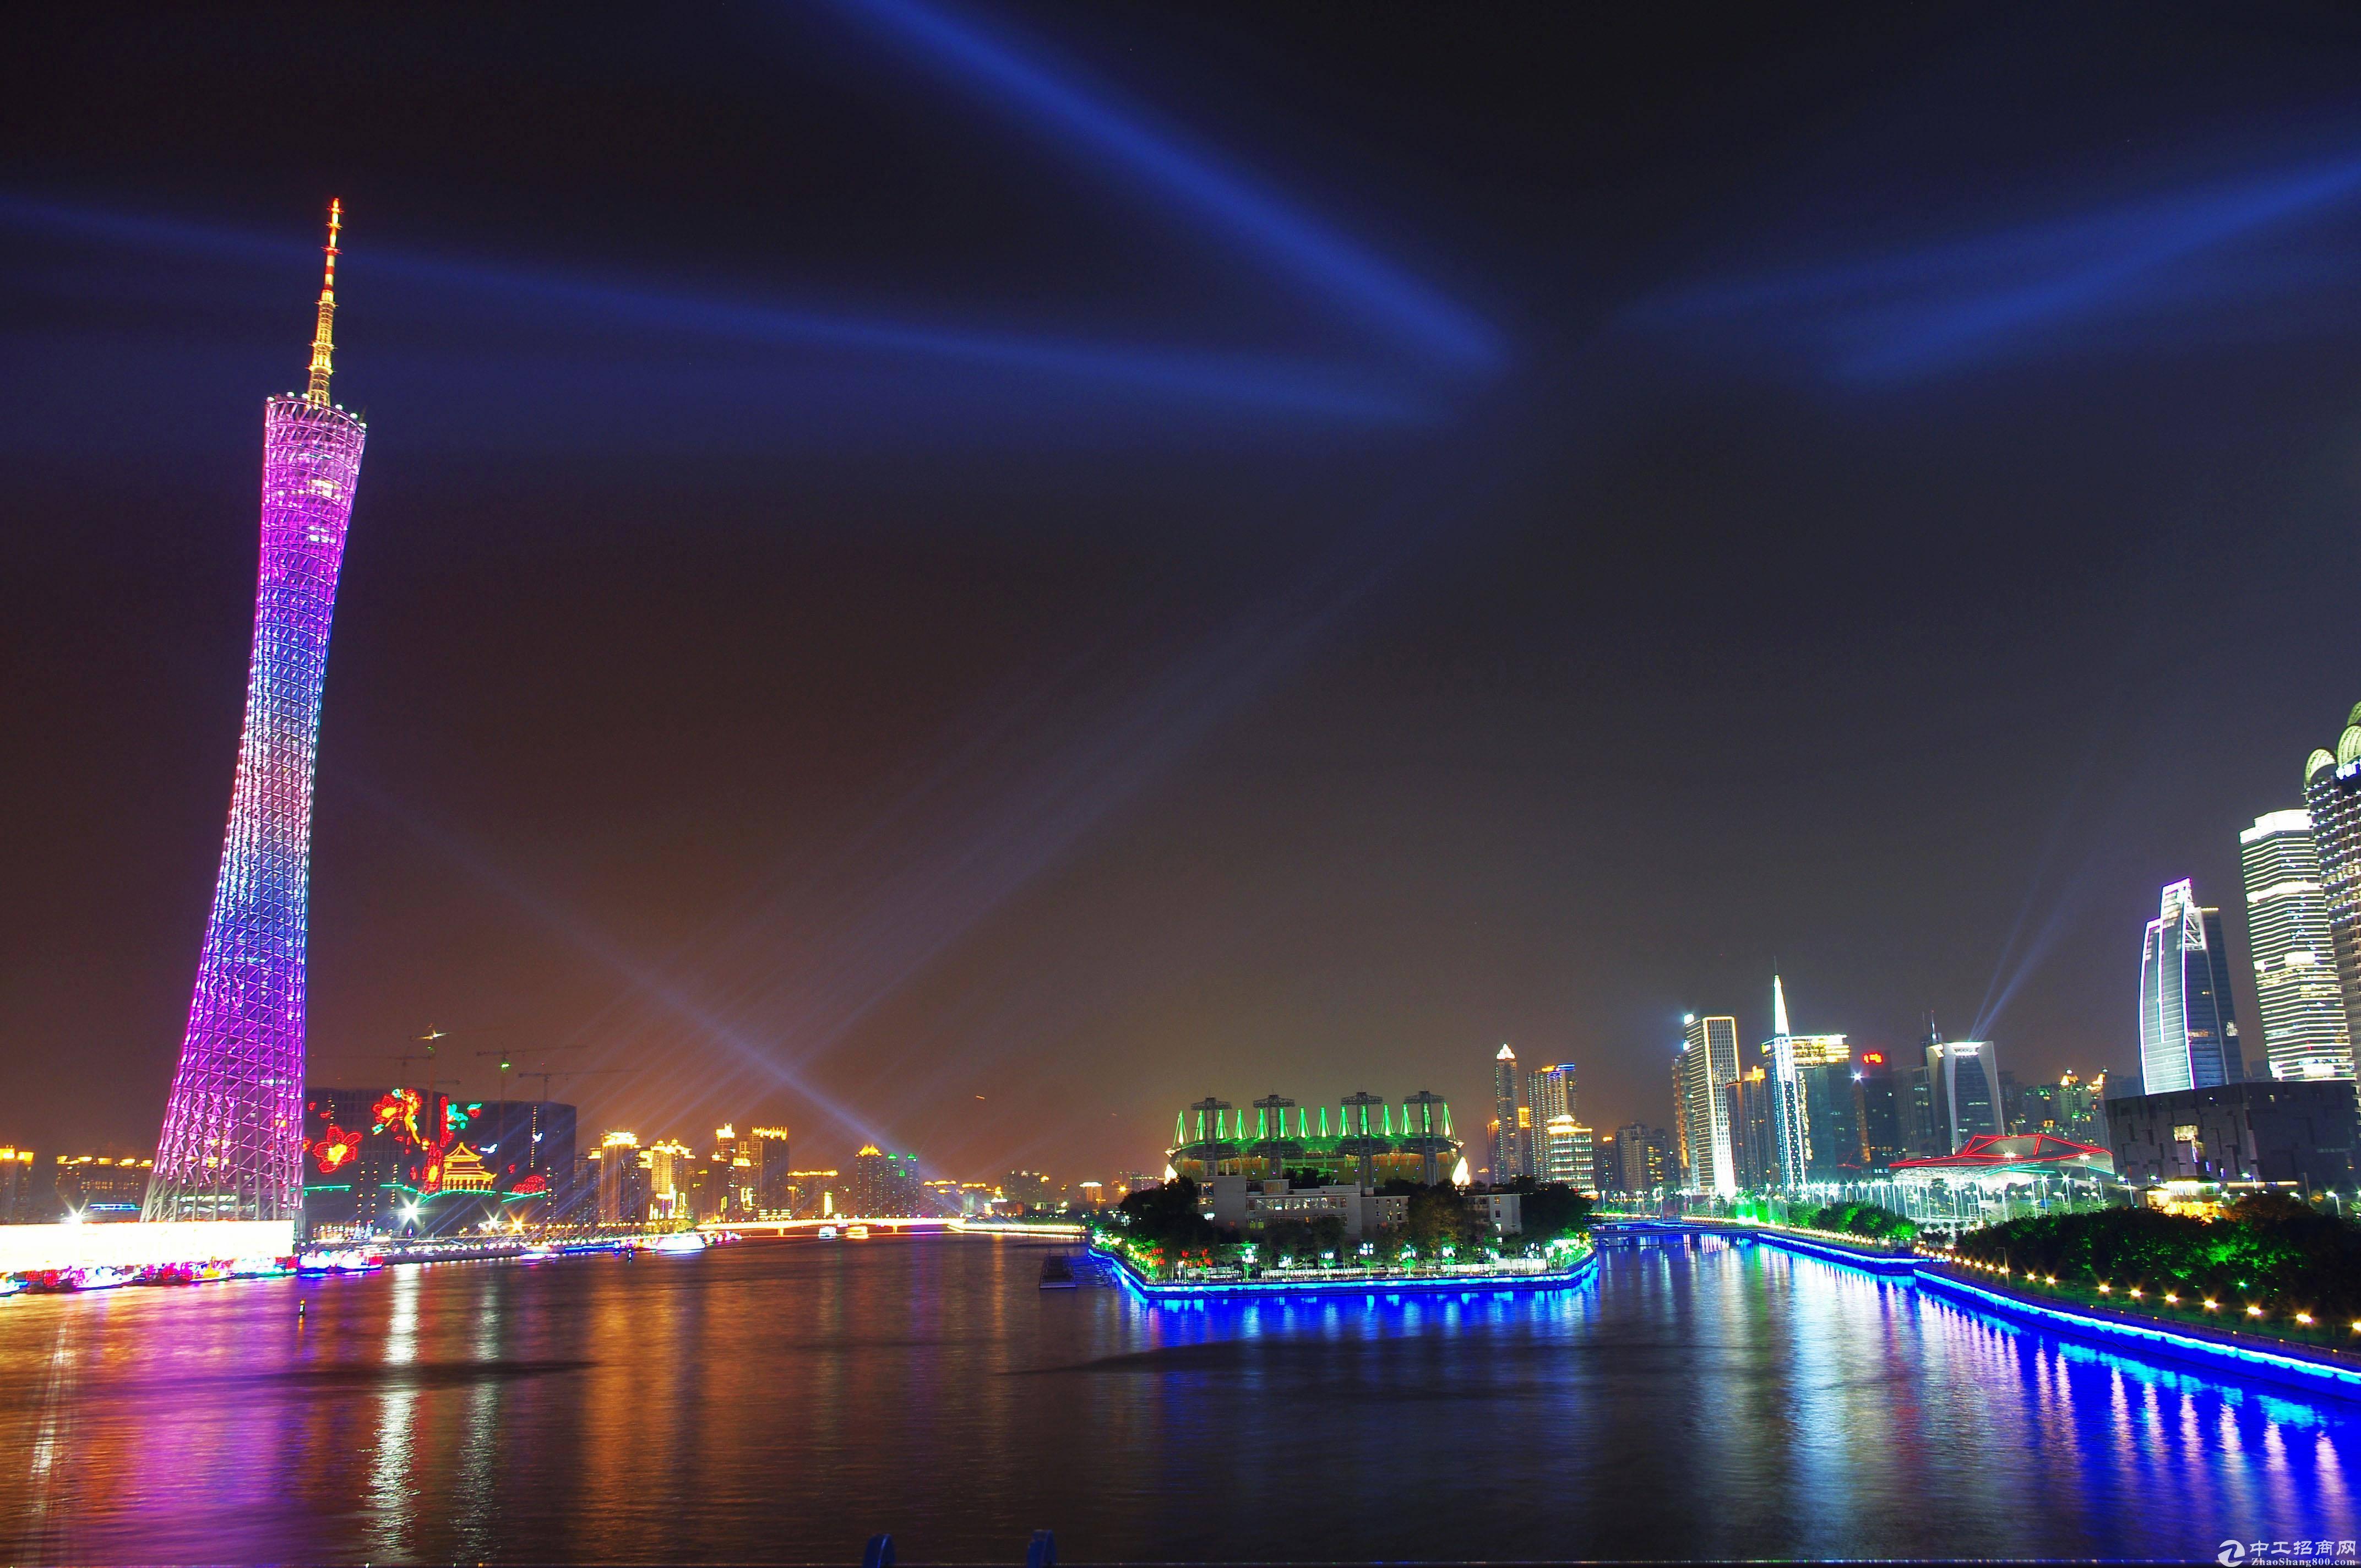 【产经新闻】广州开发区获中国十佳营商环境示范县市称号